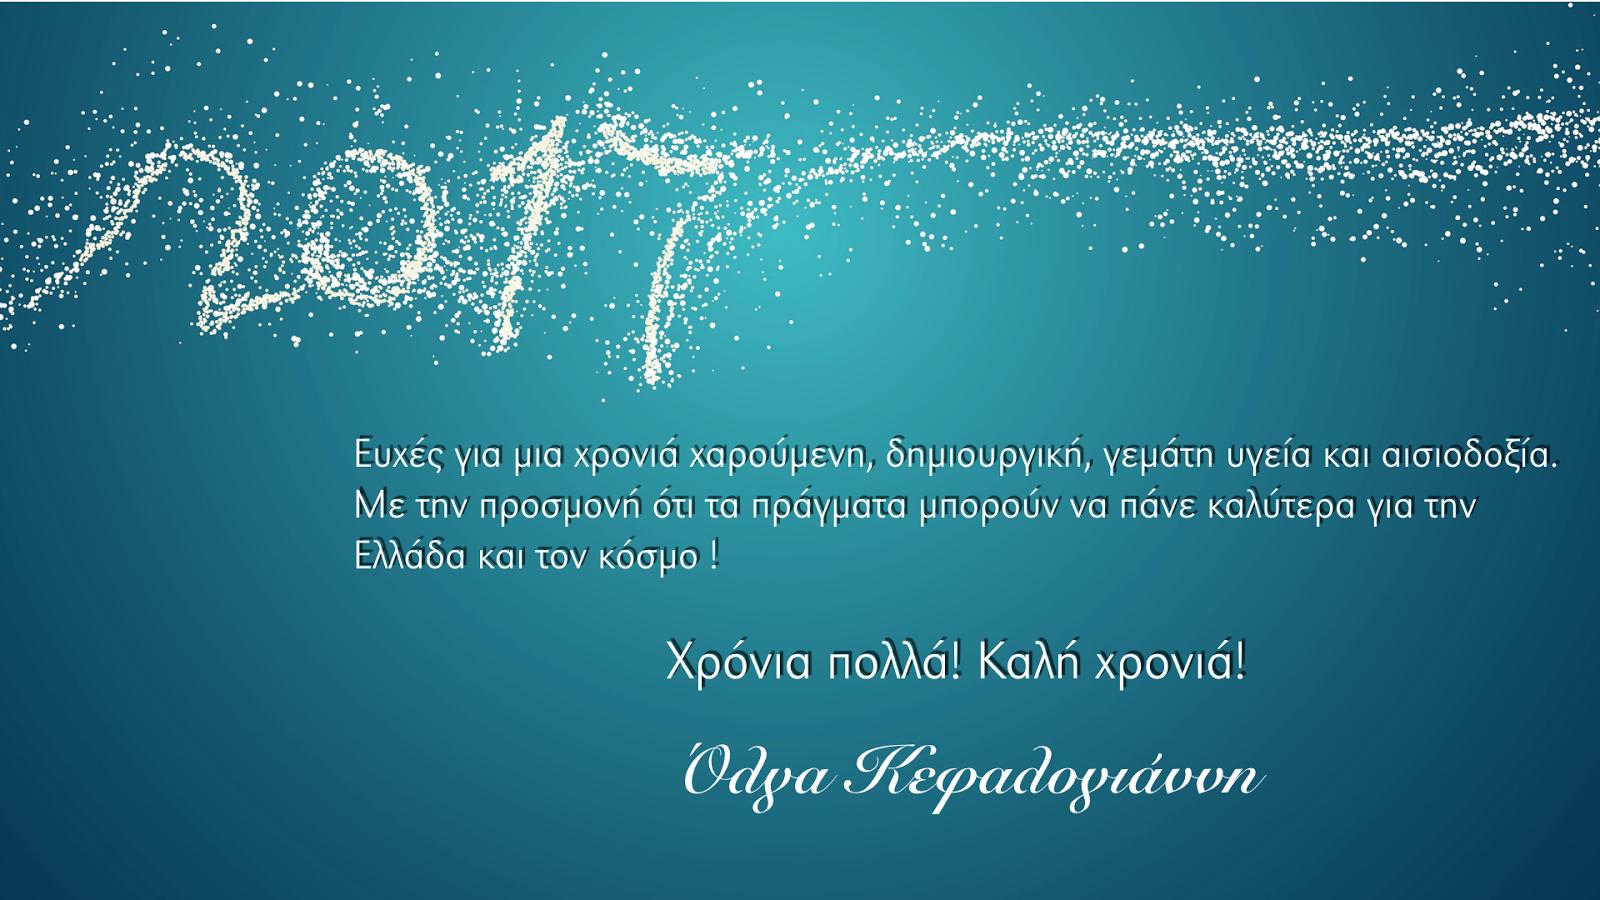 κ. ΟΛΓΑΣ ΚΕΦΑΛΟΓΙΑΝΝΗ,τ.ΥΠΟΥΡΓΟΥ ΤΟΥΡΙΣΜΟΥ θερμές ευχές για το Νέο Έτος